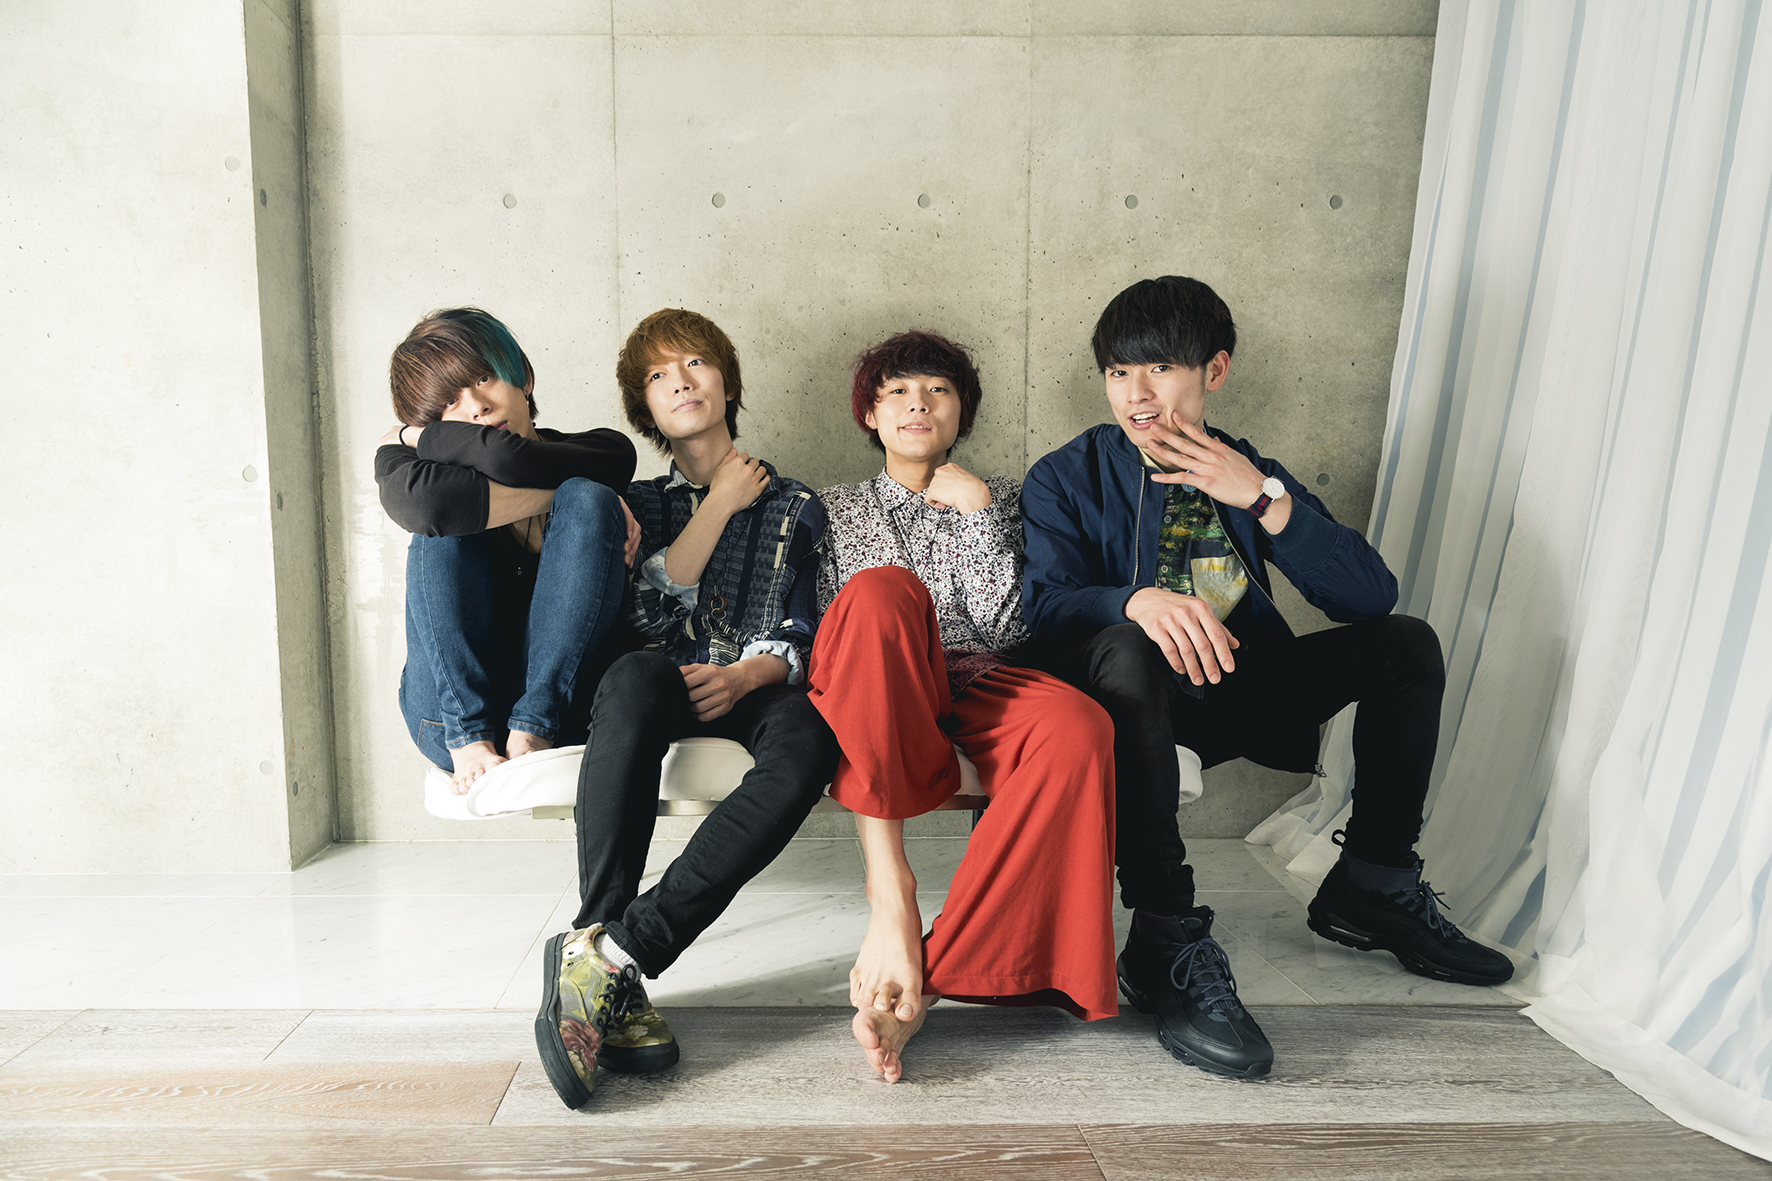 【アテレモ(ex.パステル)】バンドを改名!! 1st single&新MV製作プロジェクト